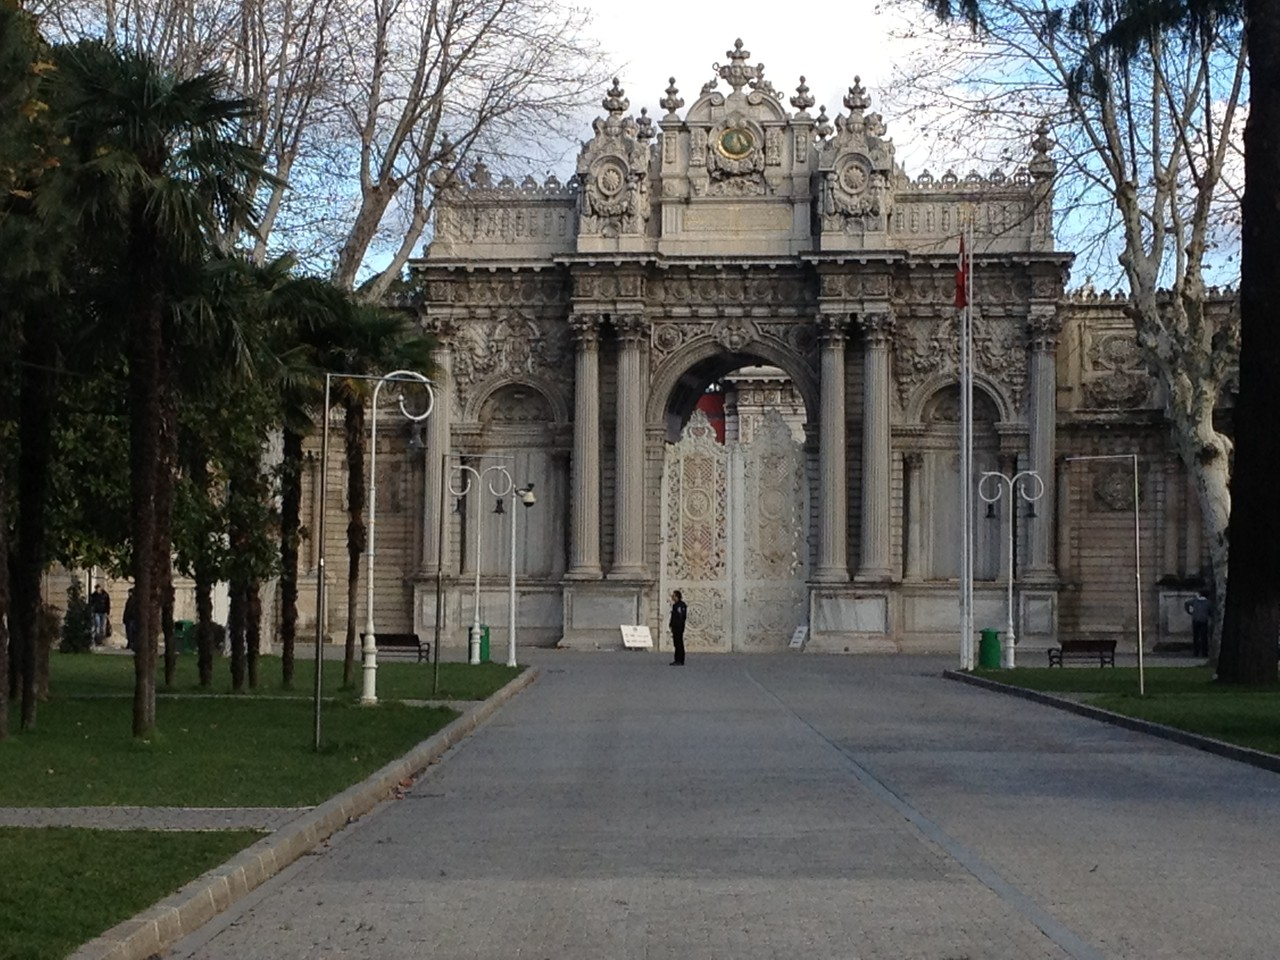 Eingang zum Domapahce-Palast, EIngang